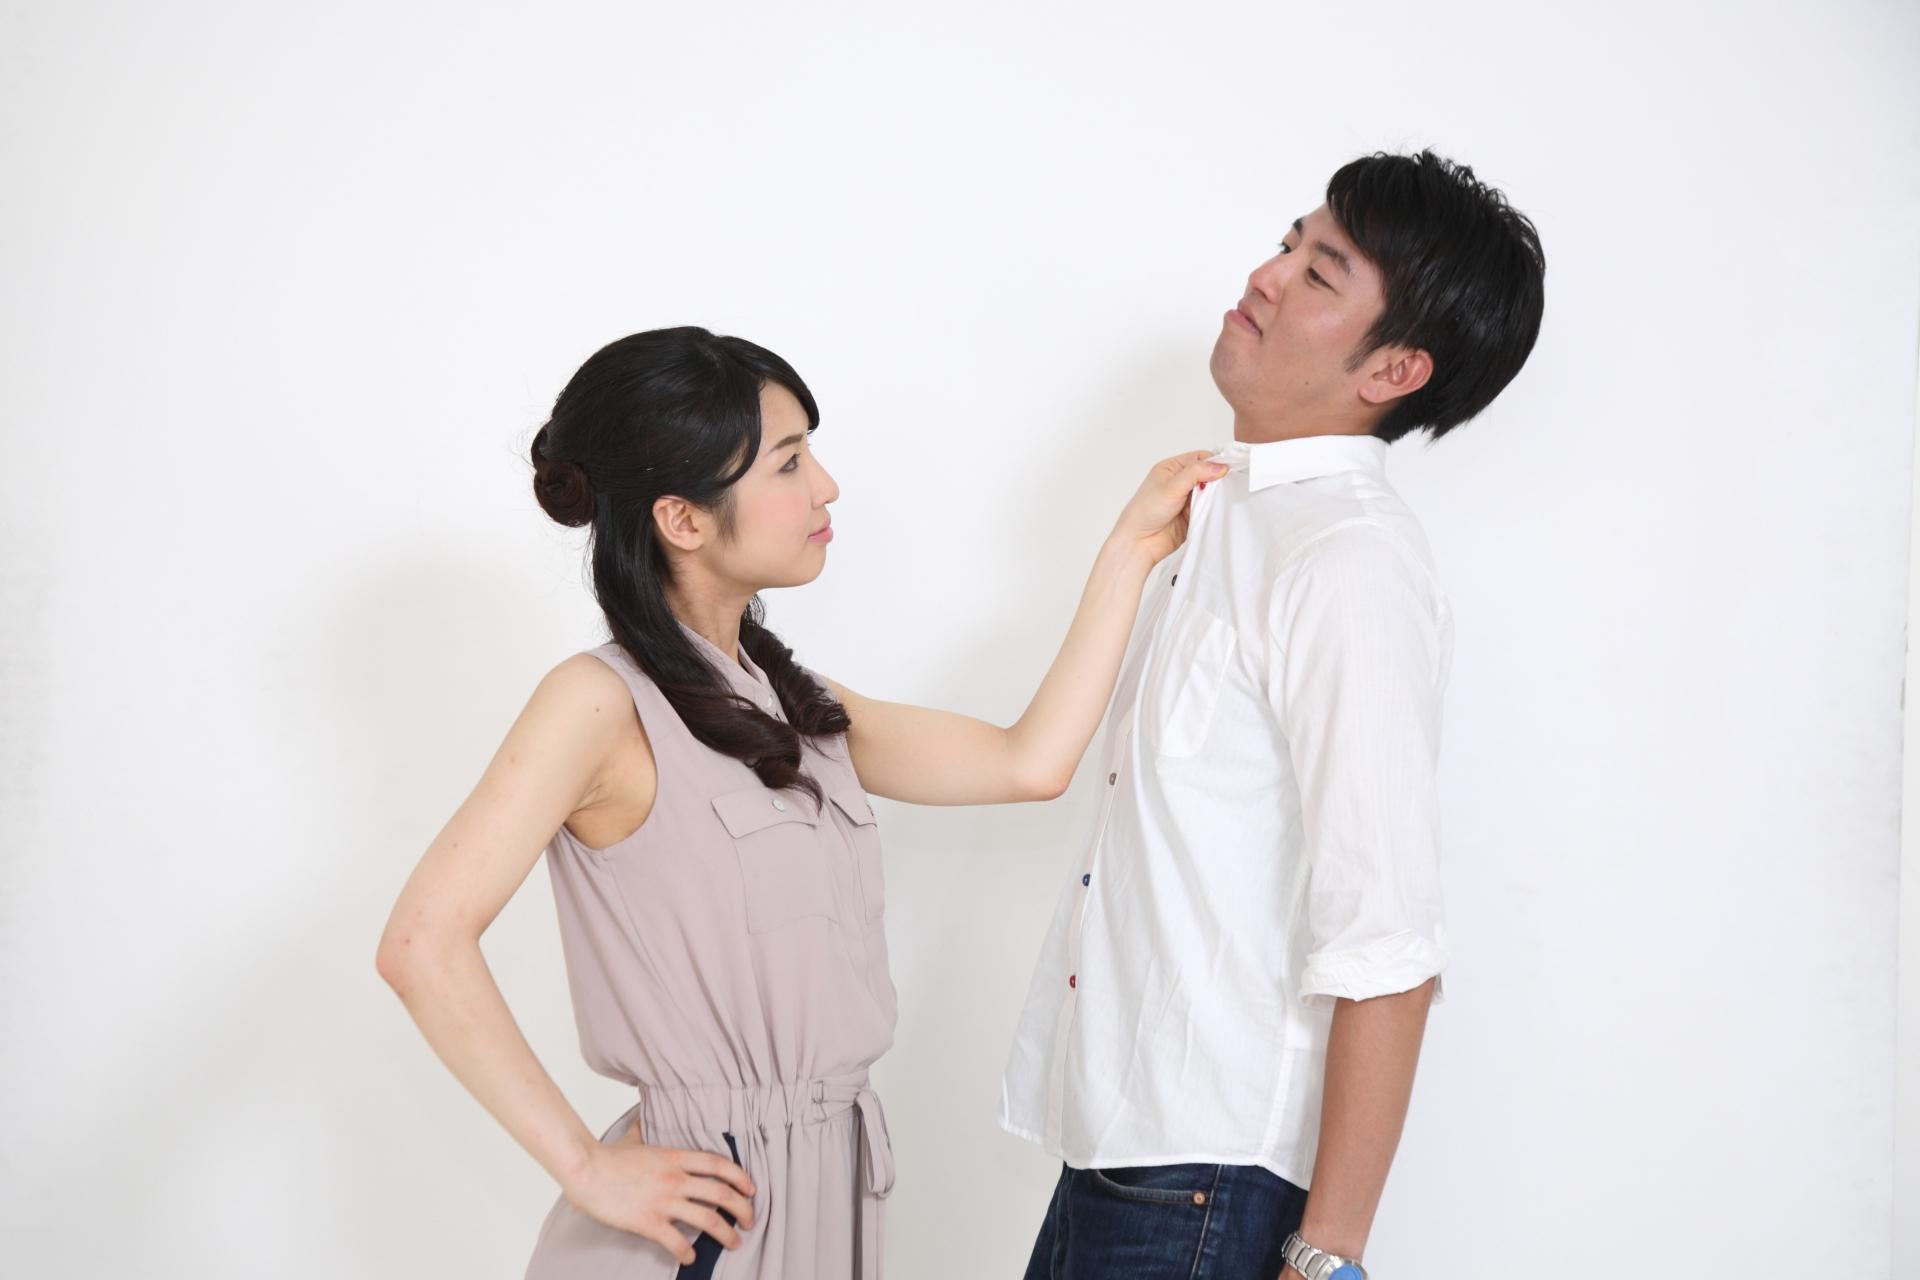 韓国人のカップルの喧嘩は激しい・・・仲直りの方法を紹介